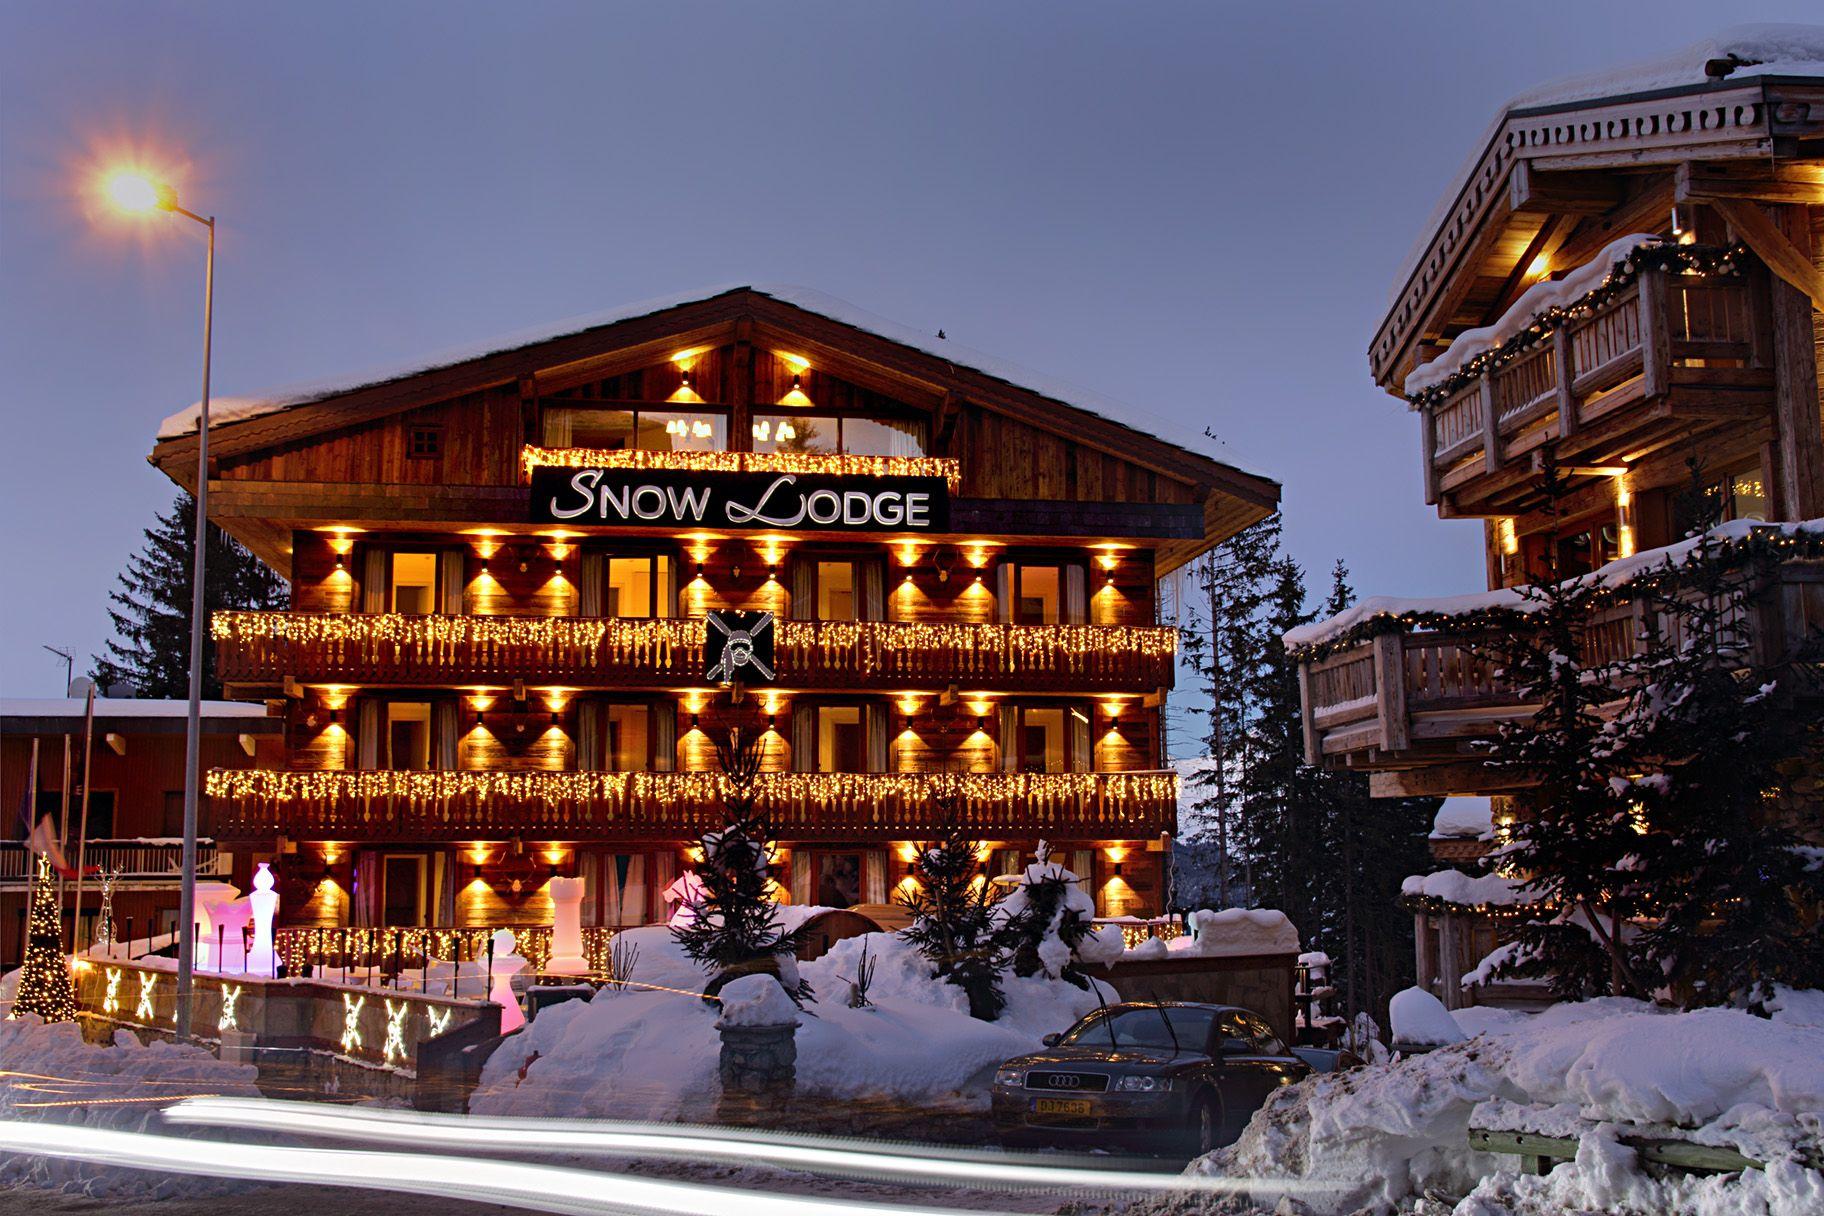 Snow Lodge Courchevel 1850 Facade